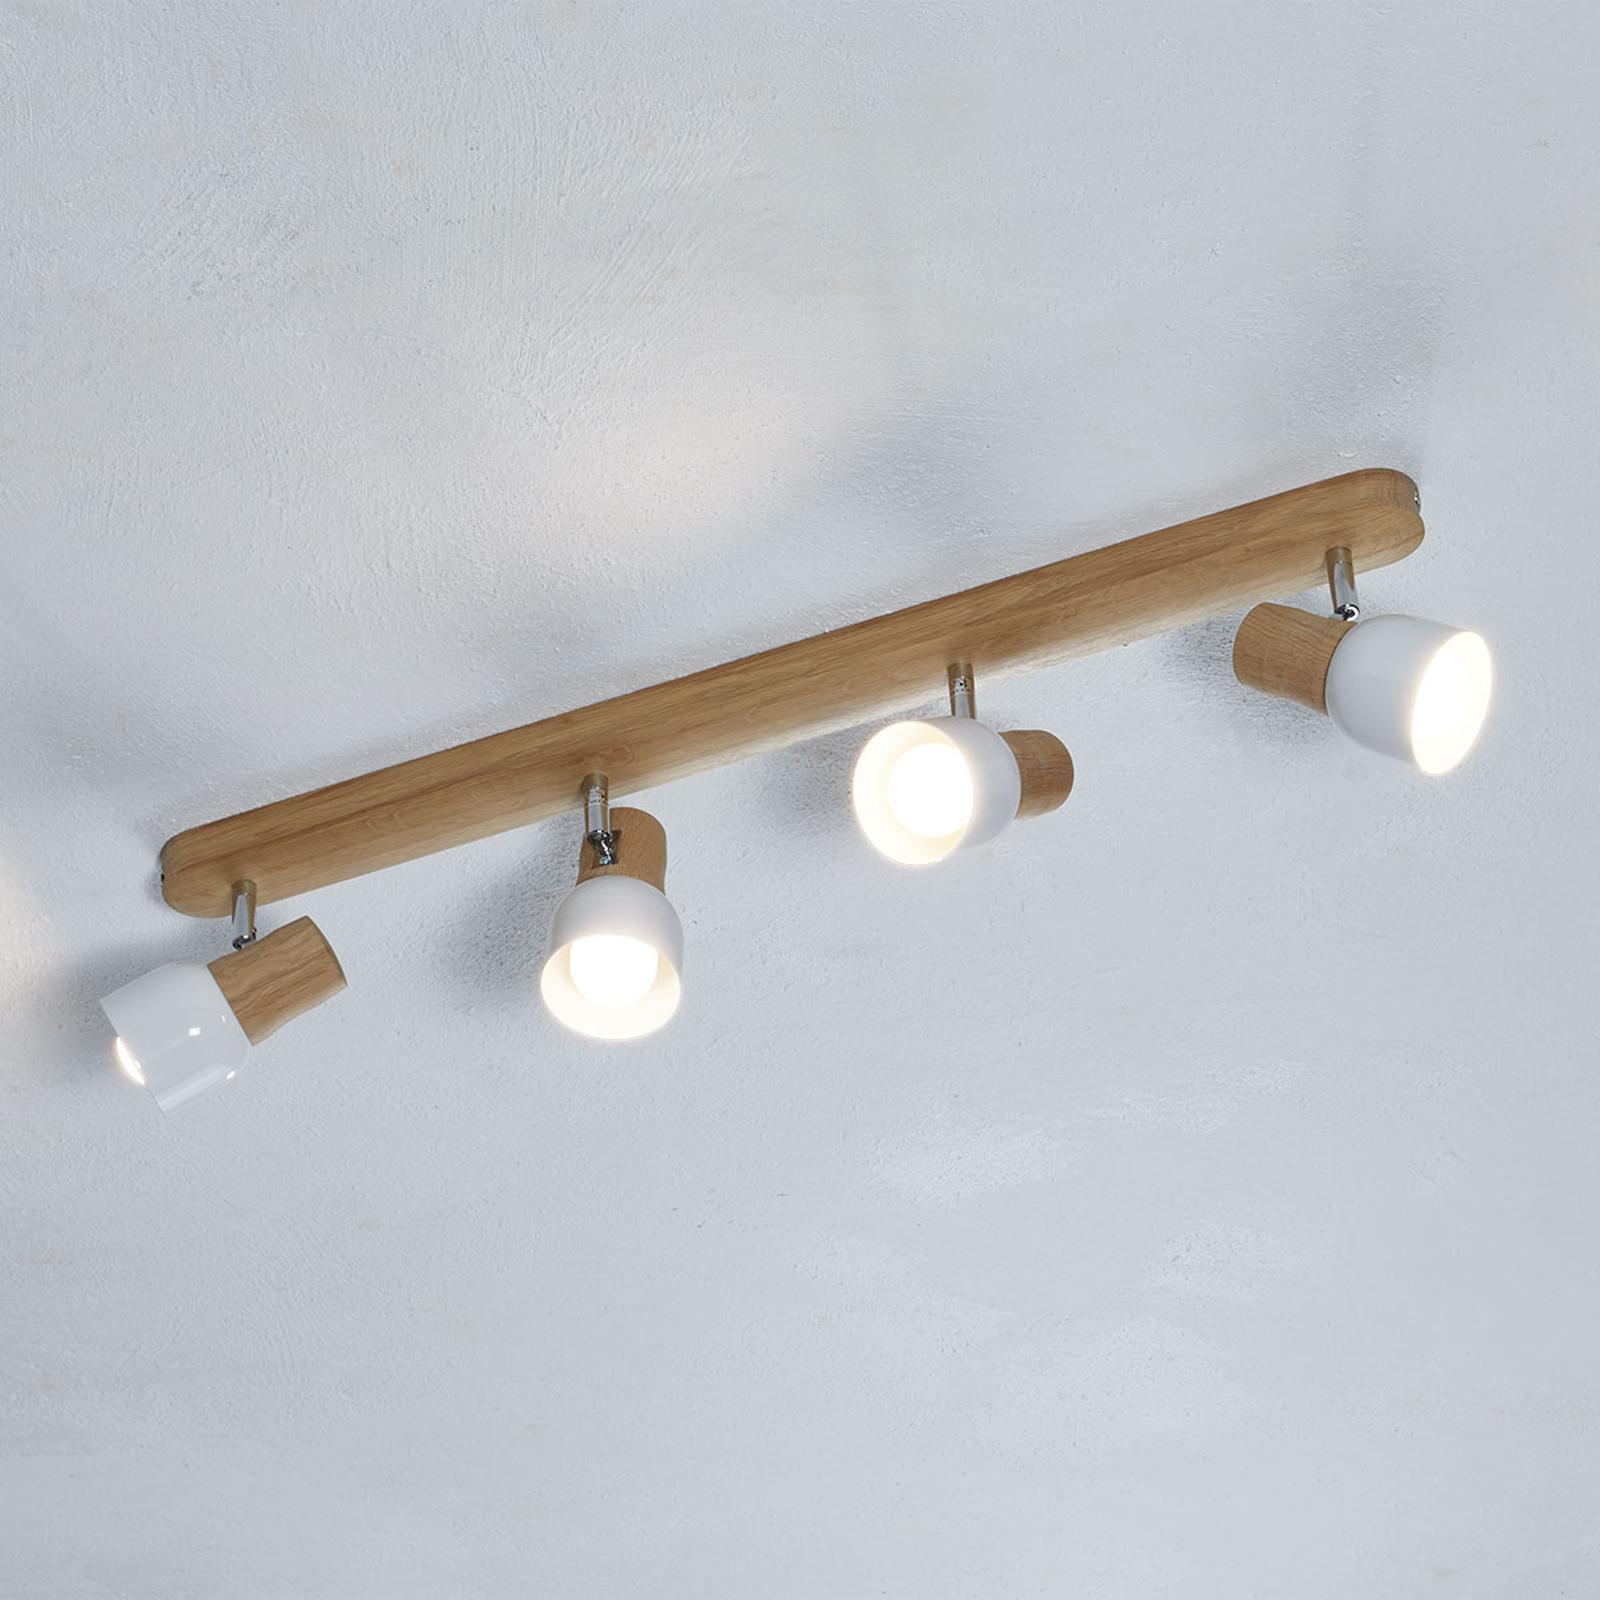 Lampa sufitowa Svantje z elem. z drewna dębowego